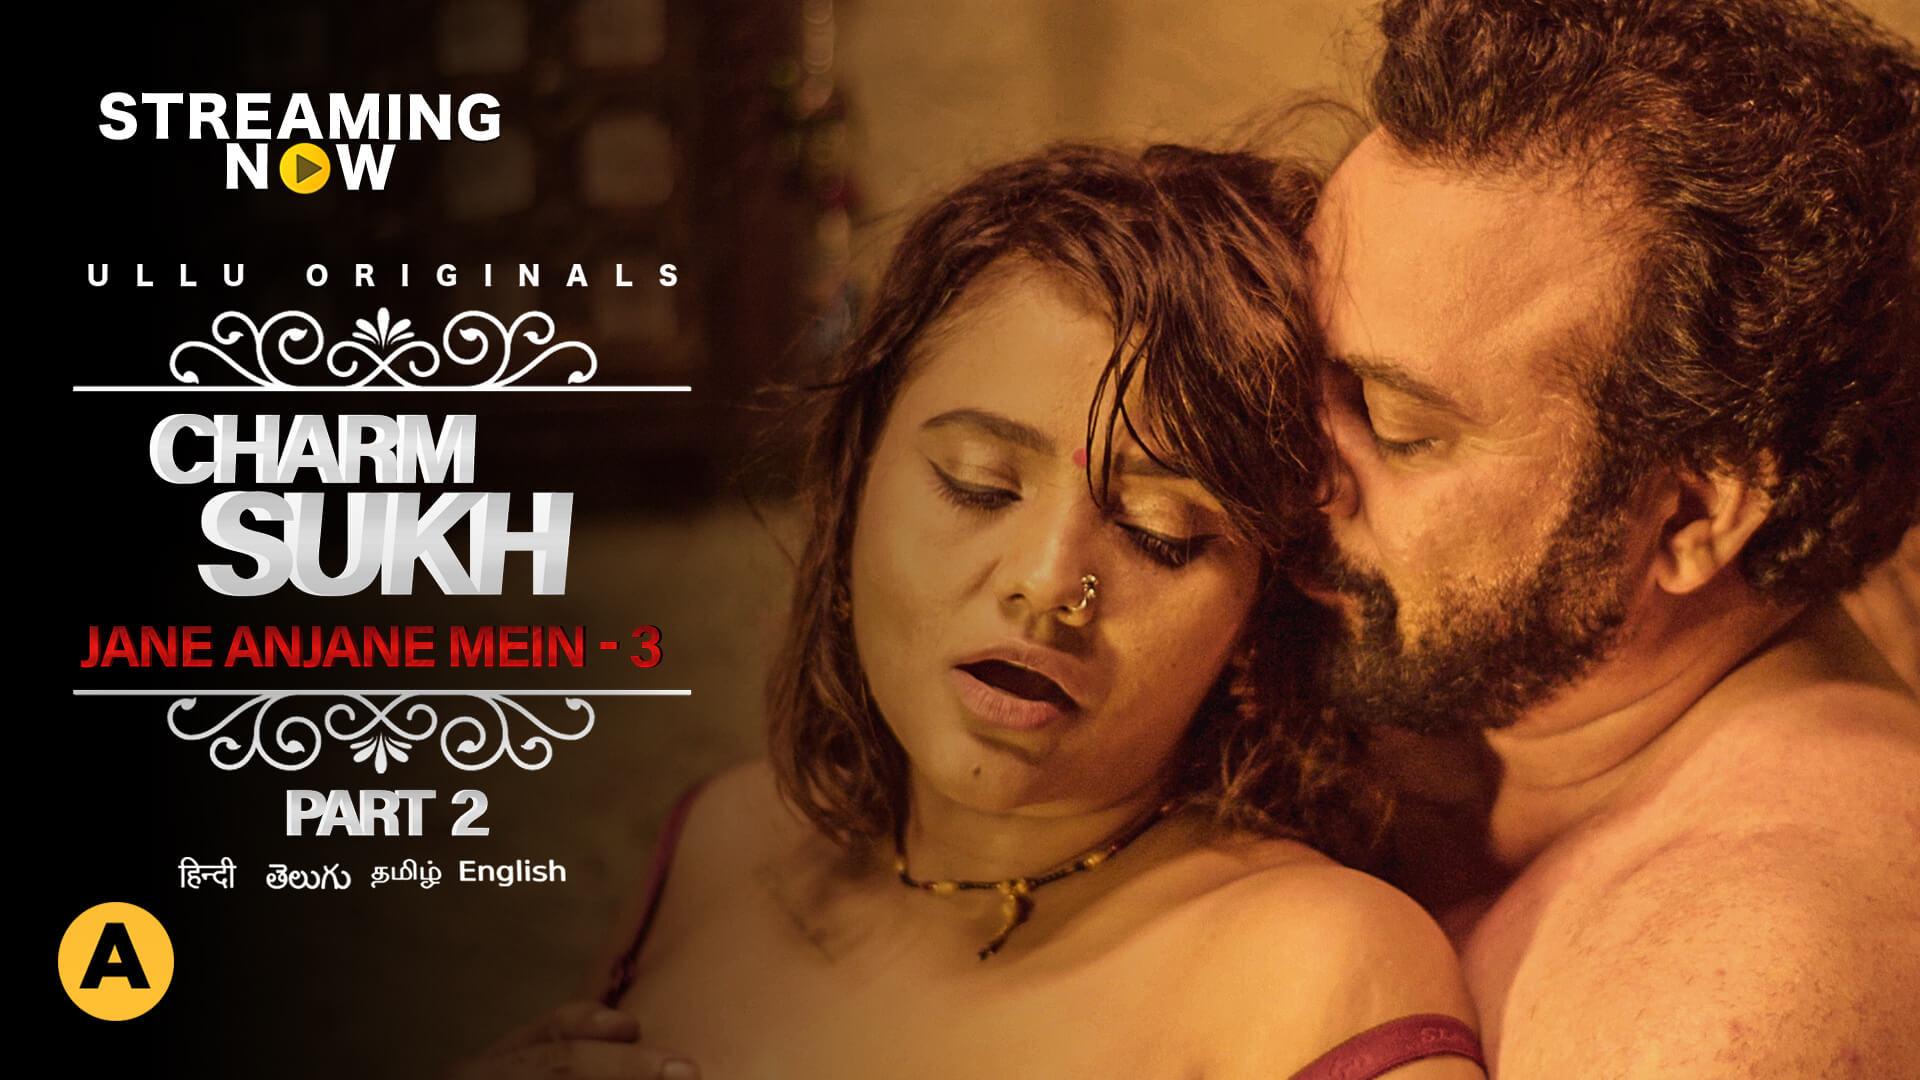 Charmsukh (Jane Anjane Mein 3) 2020 S01 banner